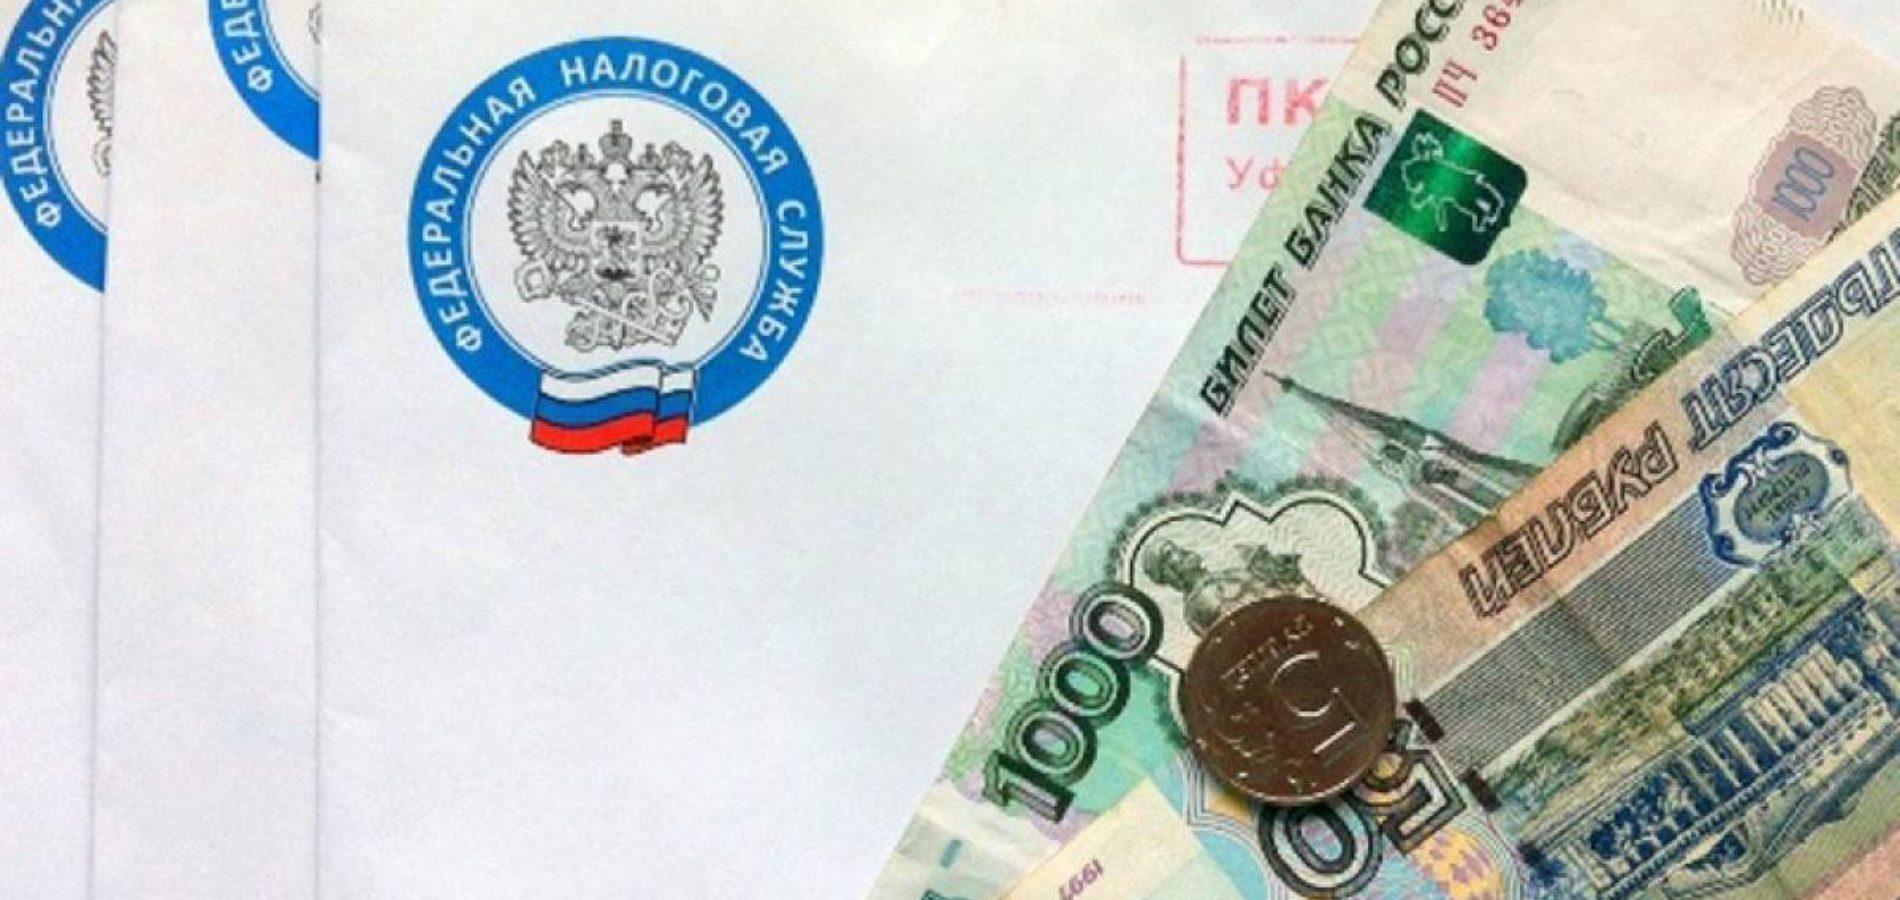 Столыпинский клуб предложил 50% прироста собираемости налогов возвращать в экономику